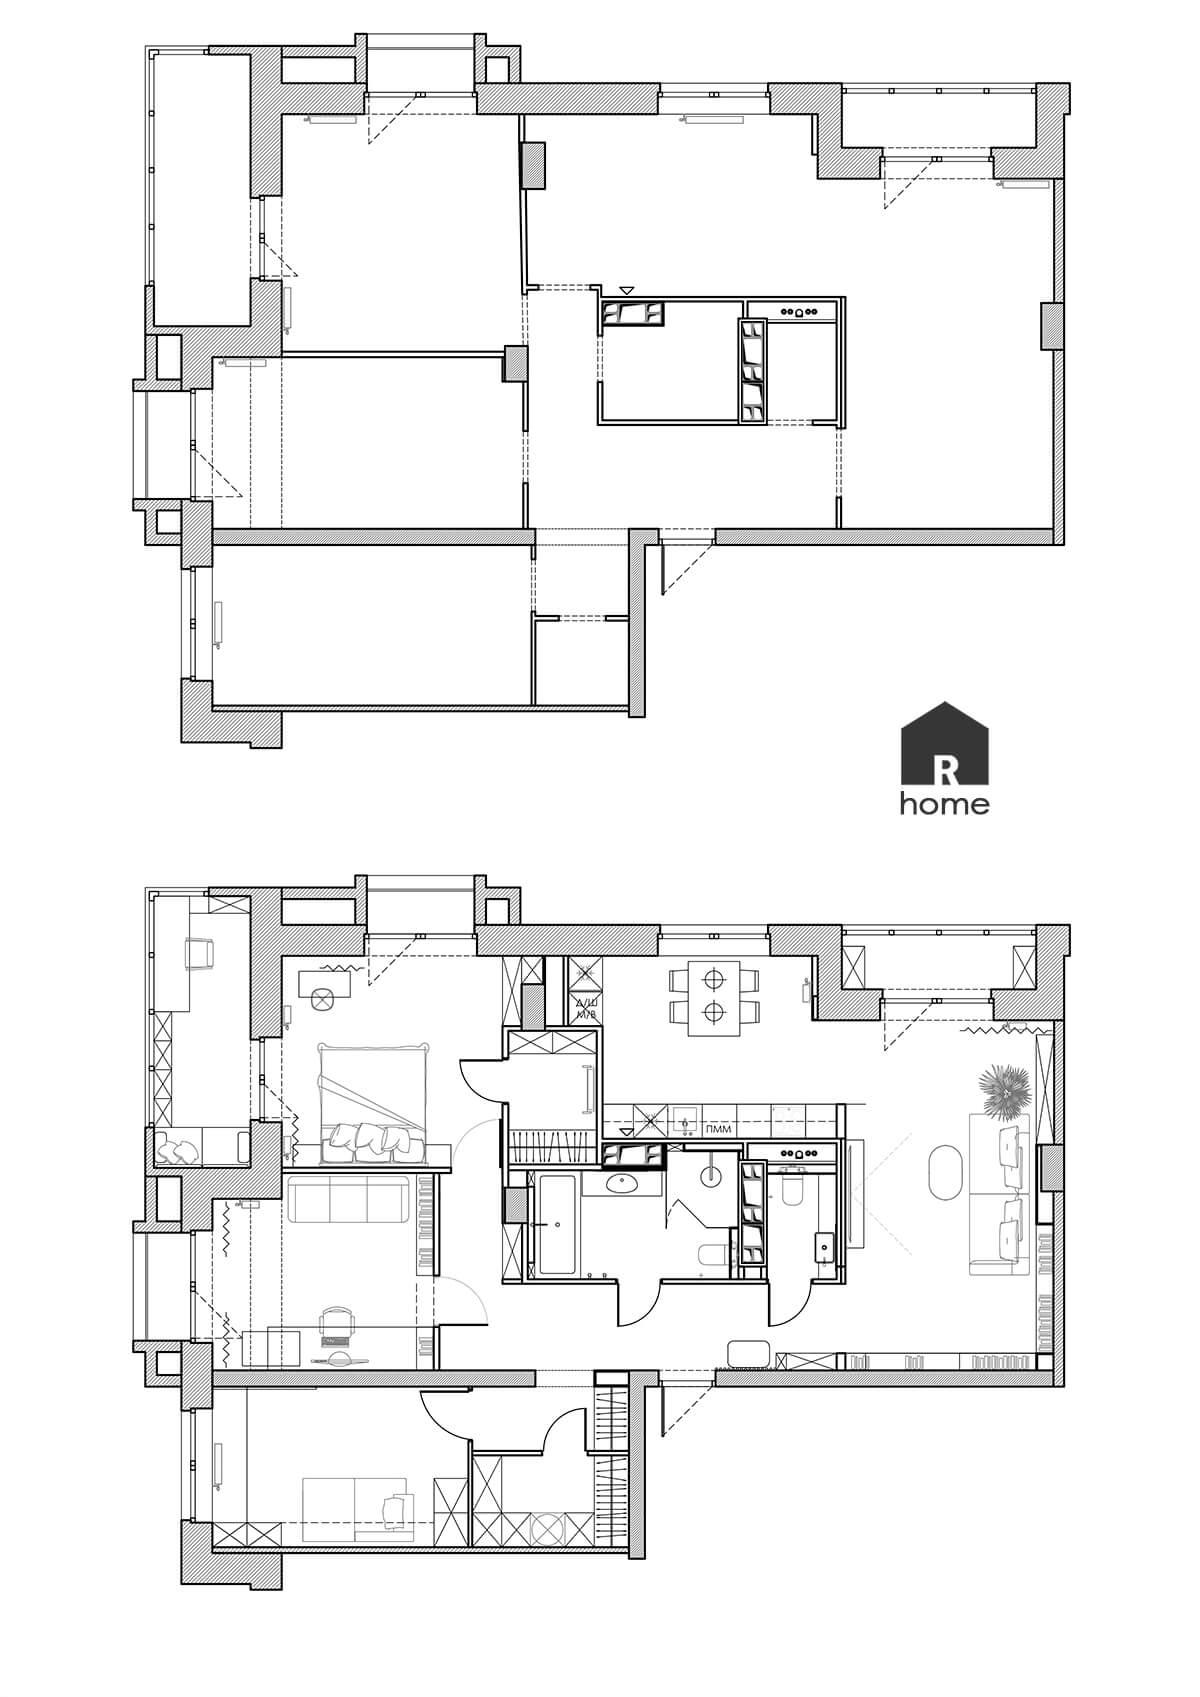 планировка четырехкомнатной квартиры до и после